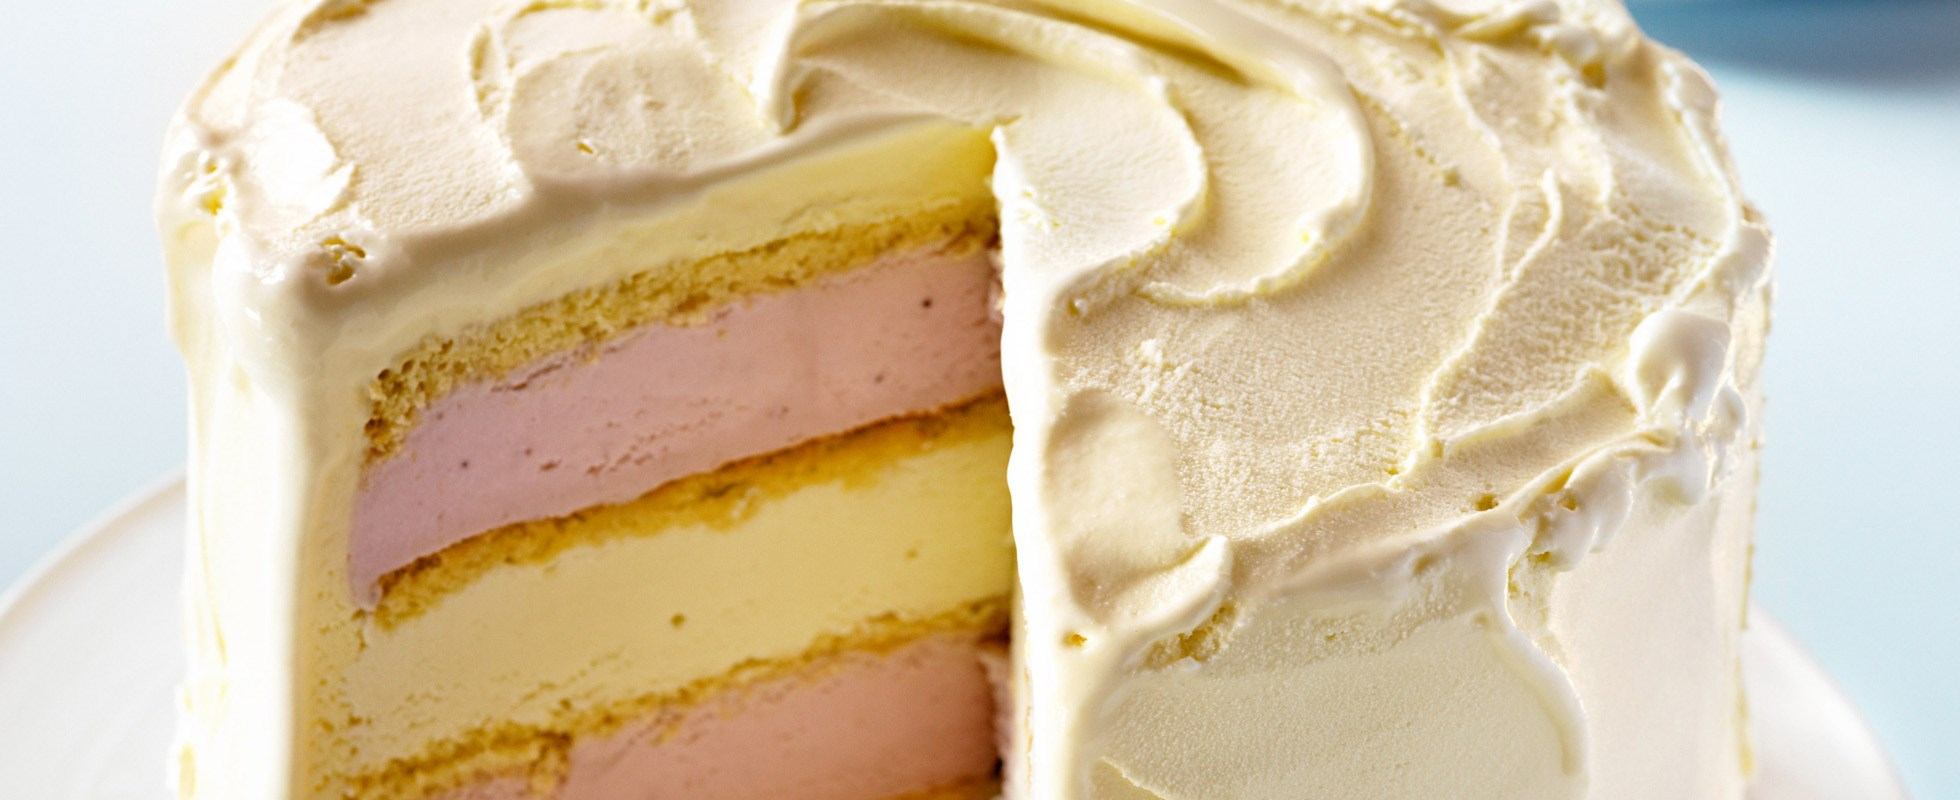 White chocolate and strawberry ice-cream cake